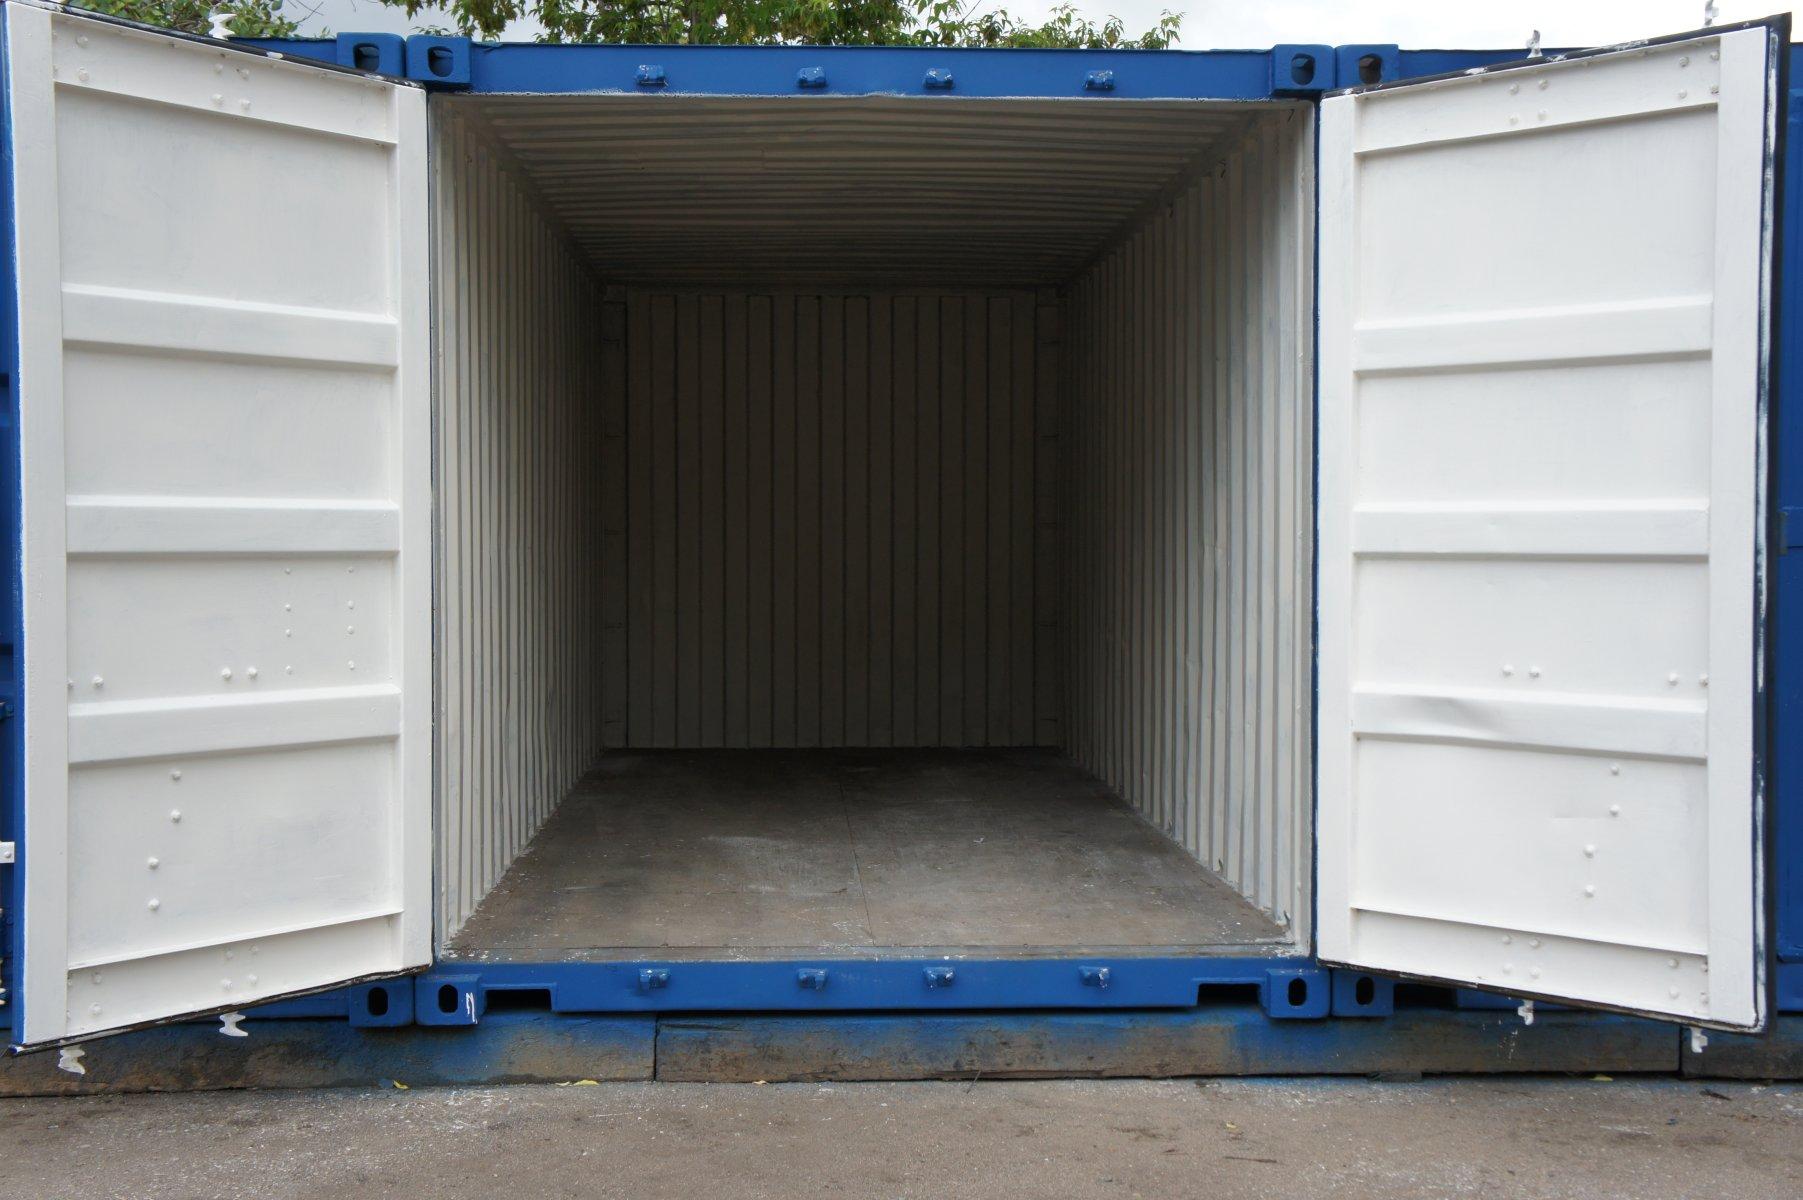 аренда контейнера под склад в Петербурге